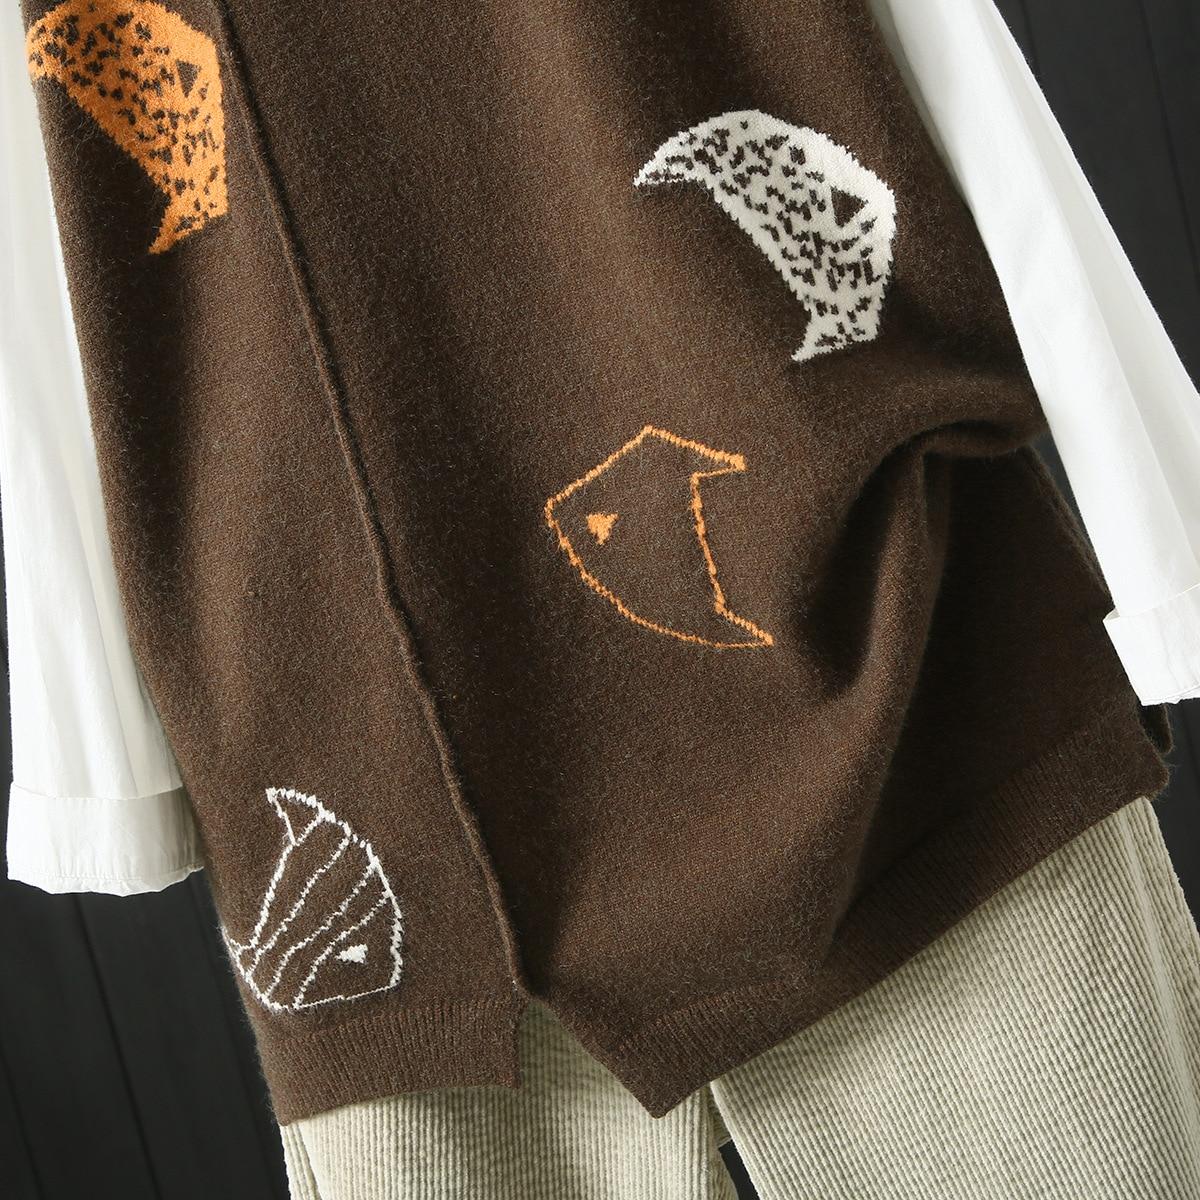 Tricot Femmes Sans Noir Manches Imprimé Café Lâche Poissons Gilet Vintage Harajuku coffee Patchwork Occasionnel Cavaliers Noir Chandail Pulls XkiTOPZu